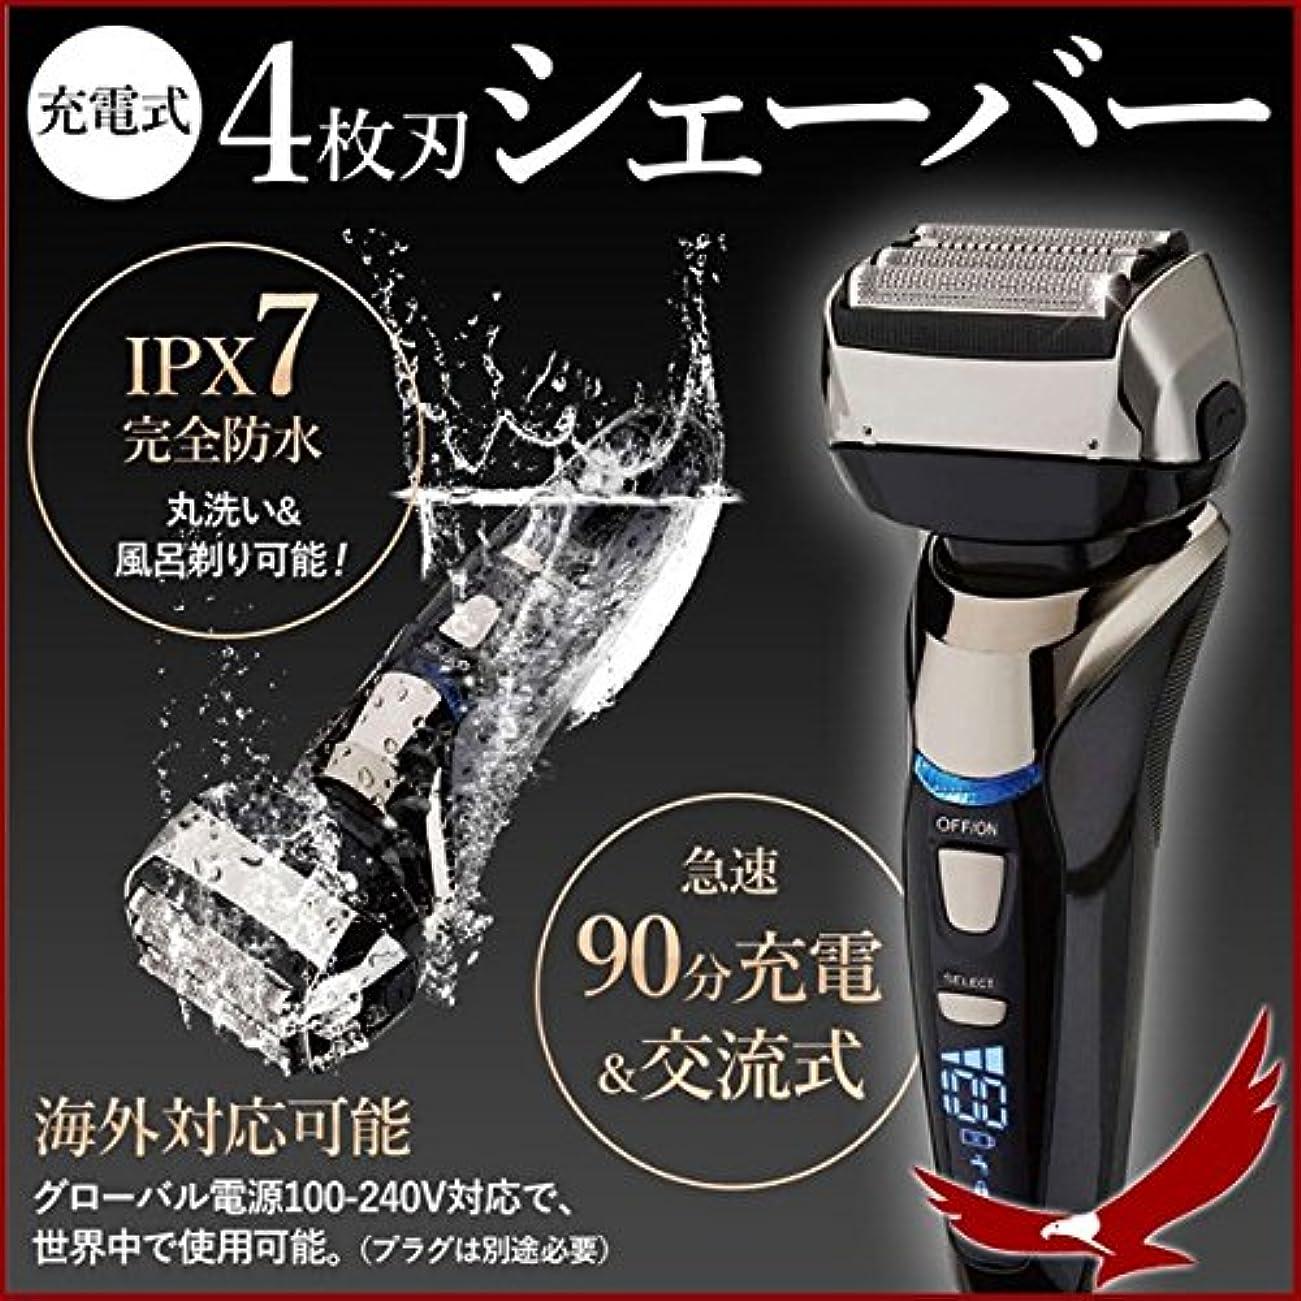 の面では拾うエラー4枚刃充交両用シェーバー GD-S401 完全防水!丸洗いOK! (黒)